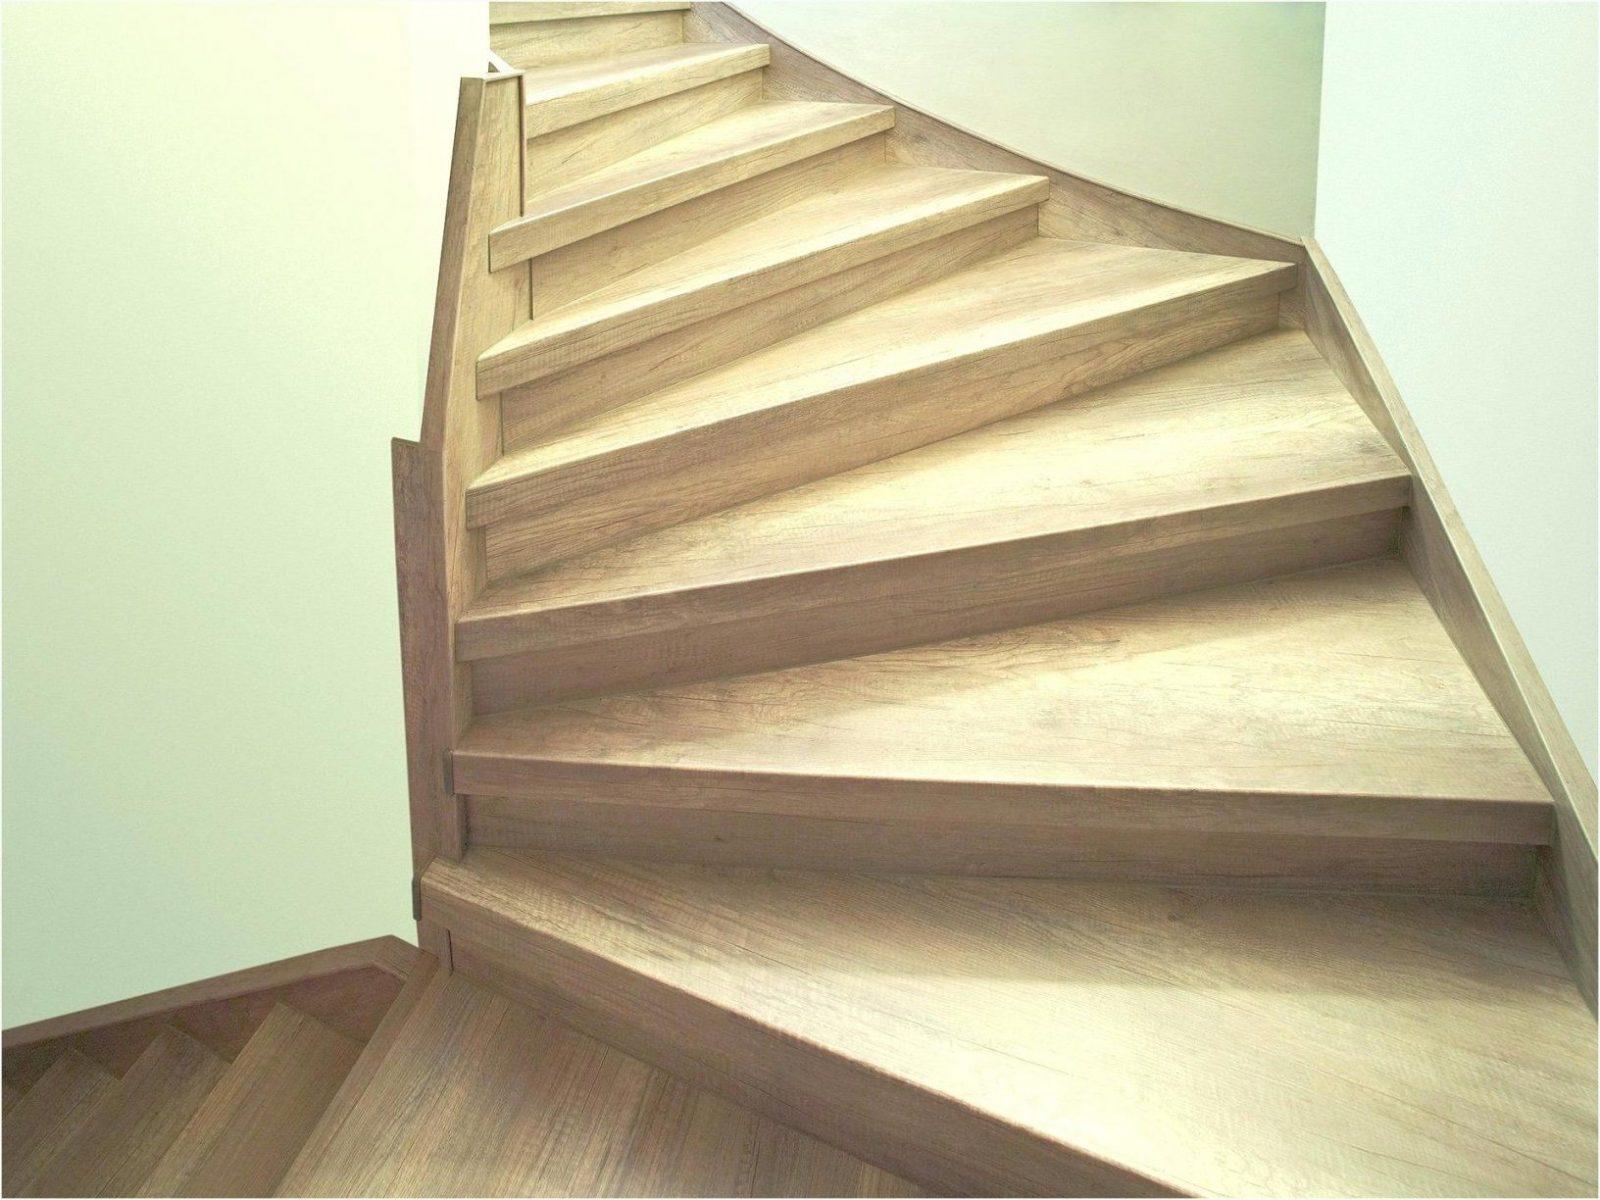 Kosten Holztreppe Stilvolle Hk Treppenrenovierung Und von Holztreppe Abschleifen Und Neu Lackieren Photo